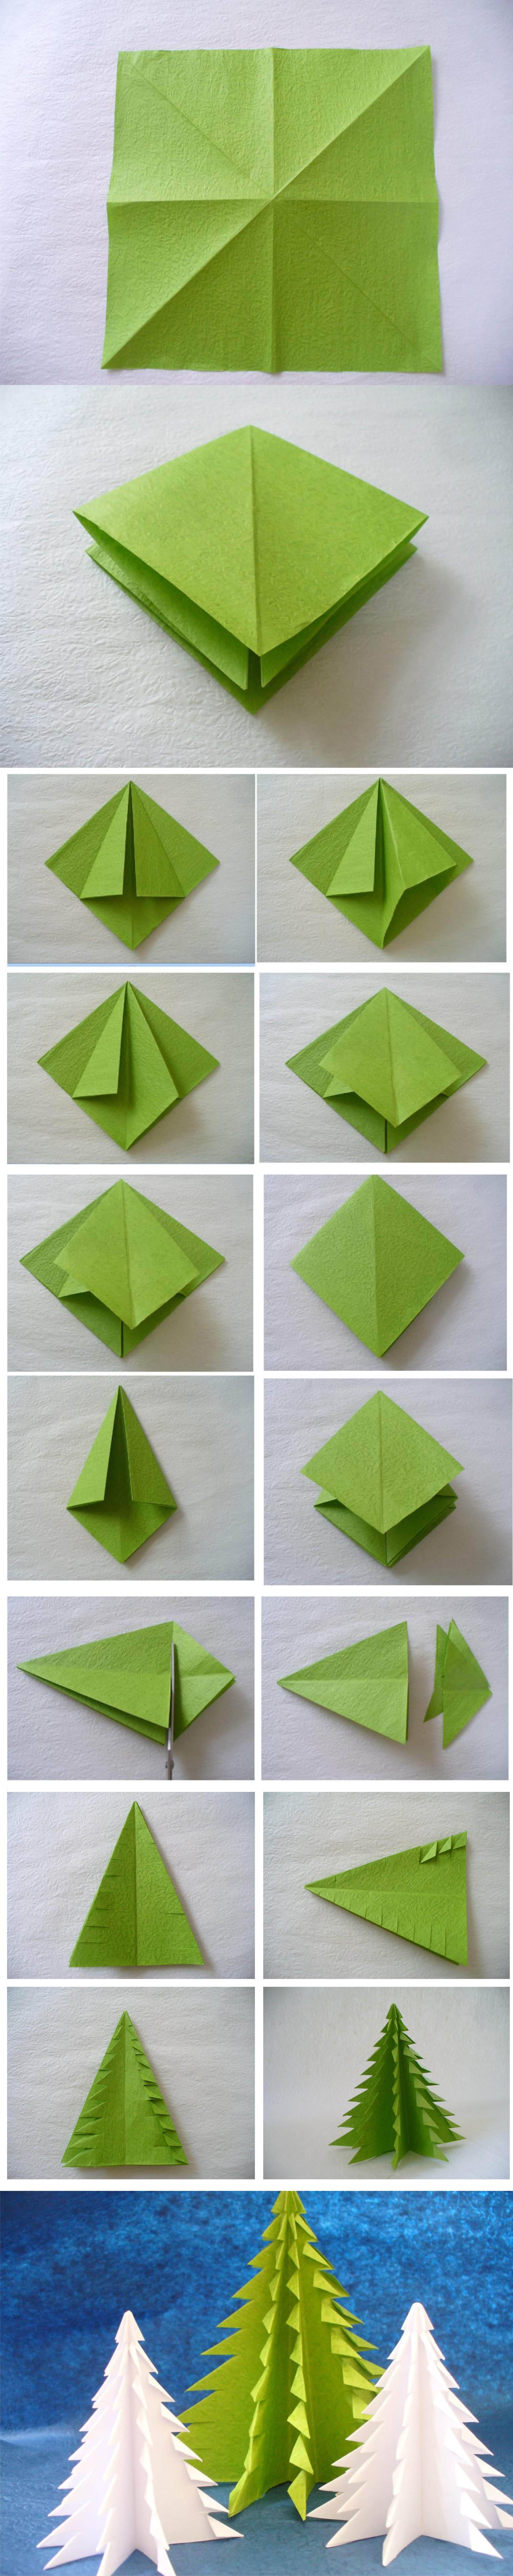 Rboles de navidad con origami navidad origami for Adornos navidenos origami paso a paso